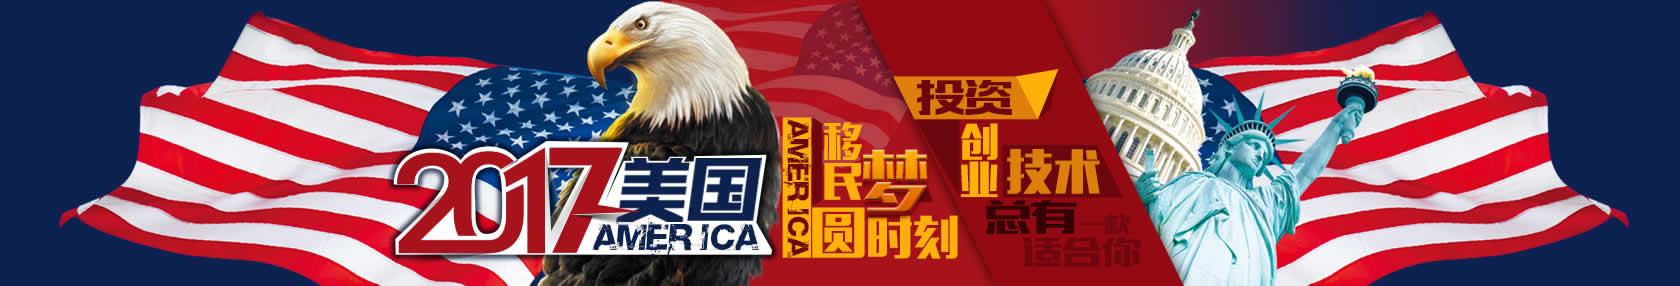 2017移民美国N种方式:美国投资移民、美国创业移民、美国技术移民圆你移民美国梦